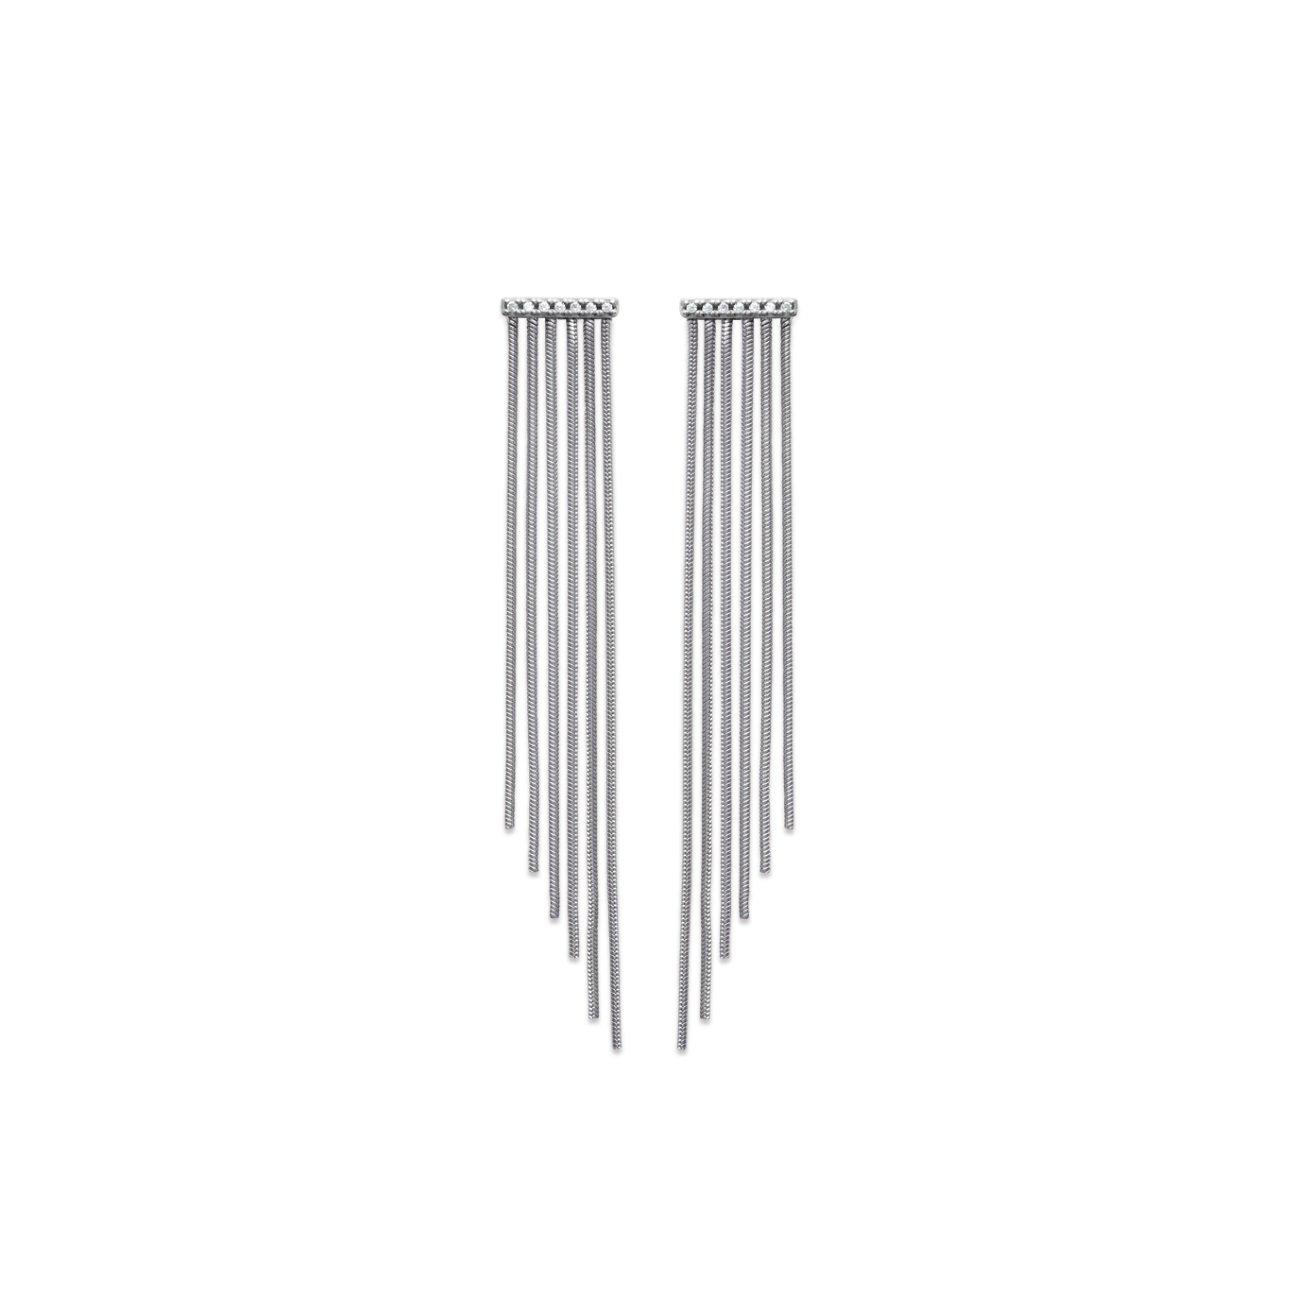 Tata Gisèle pendientes larga en plata 925/000 rhodié y oxydes de zirconium – largos antiácaros 70 mm – incluye bolsita regalo terciopelo